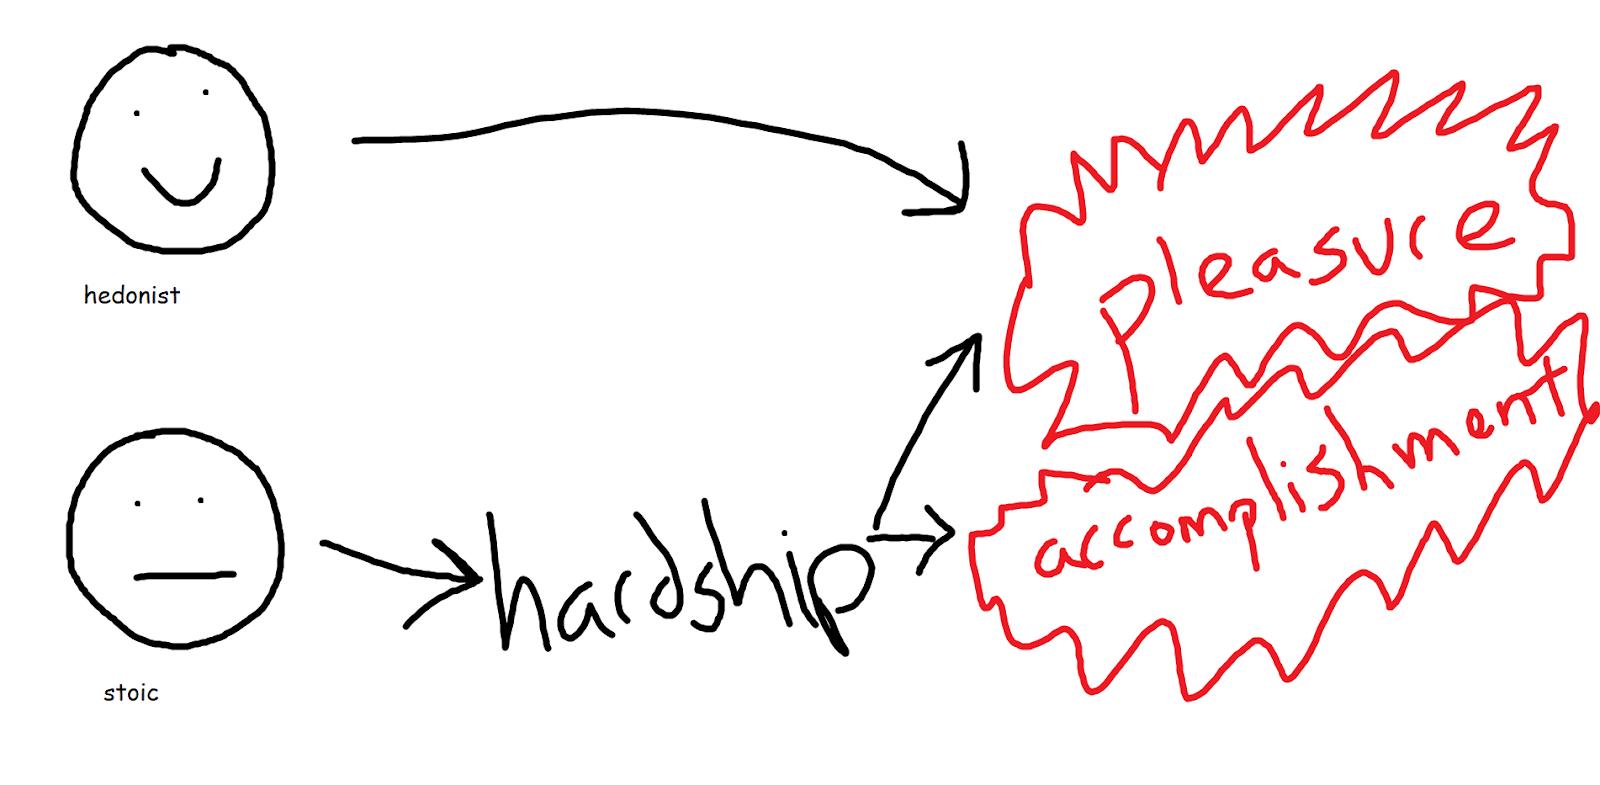 stoicism vs hedonism